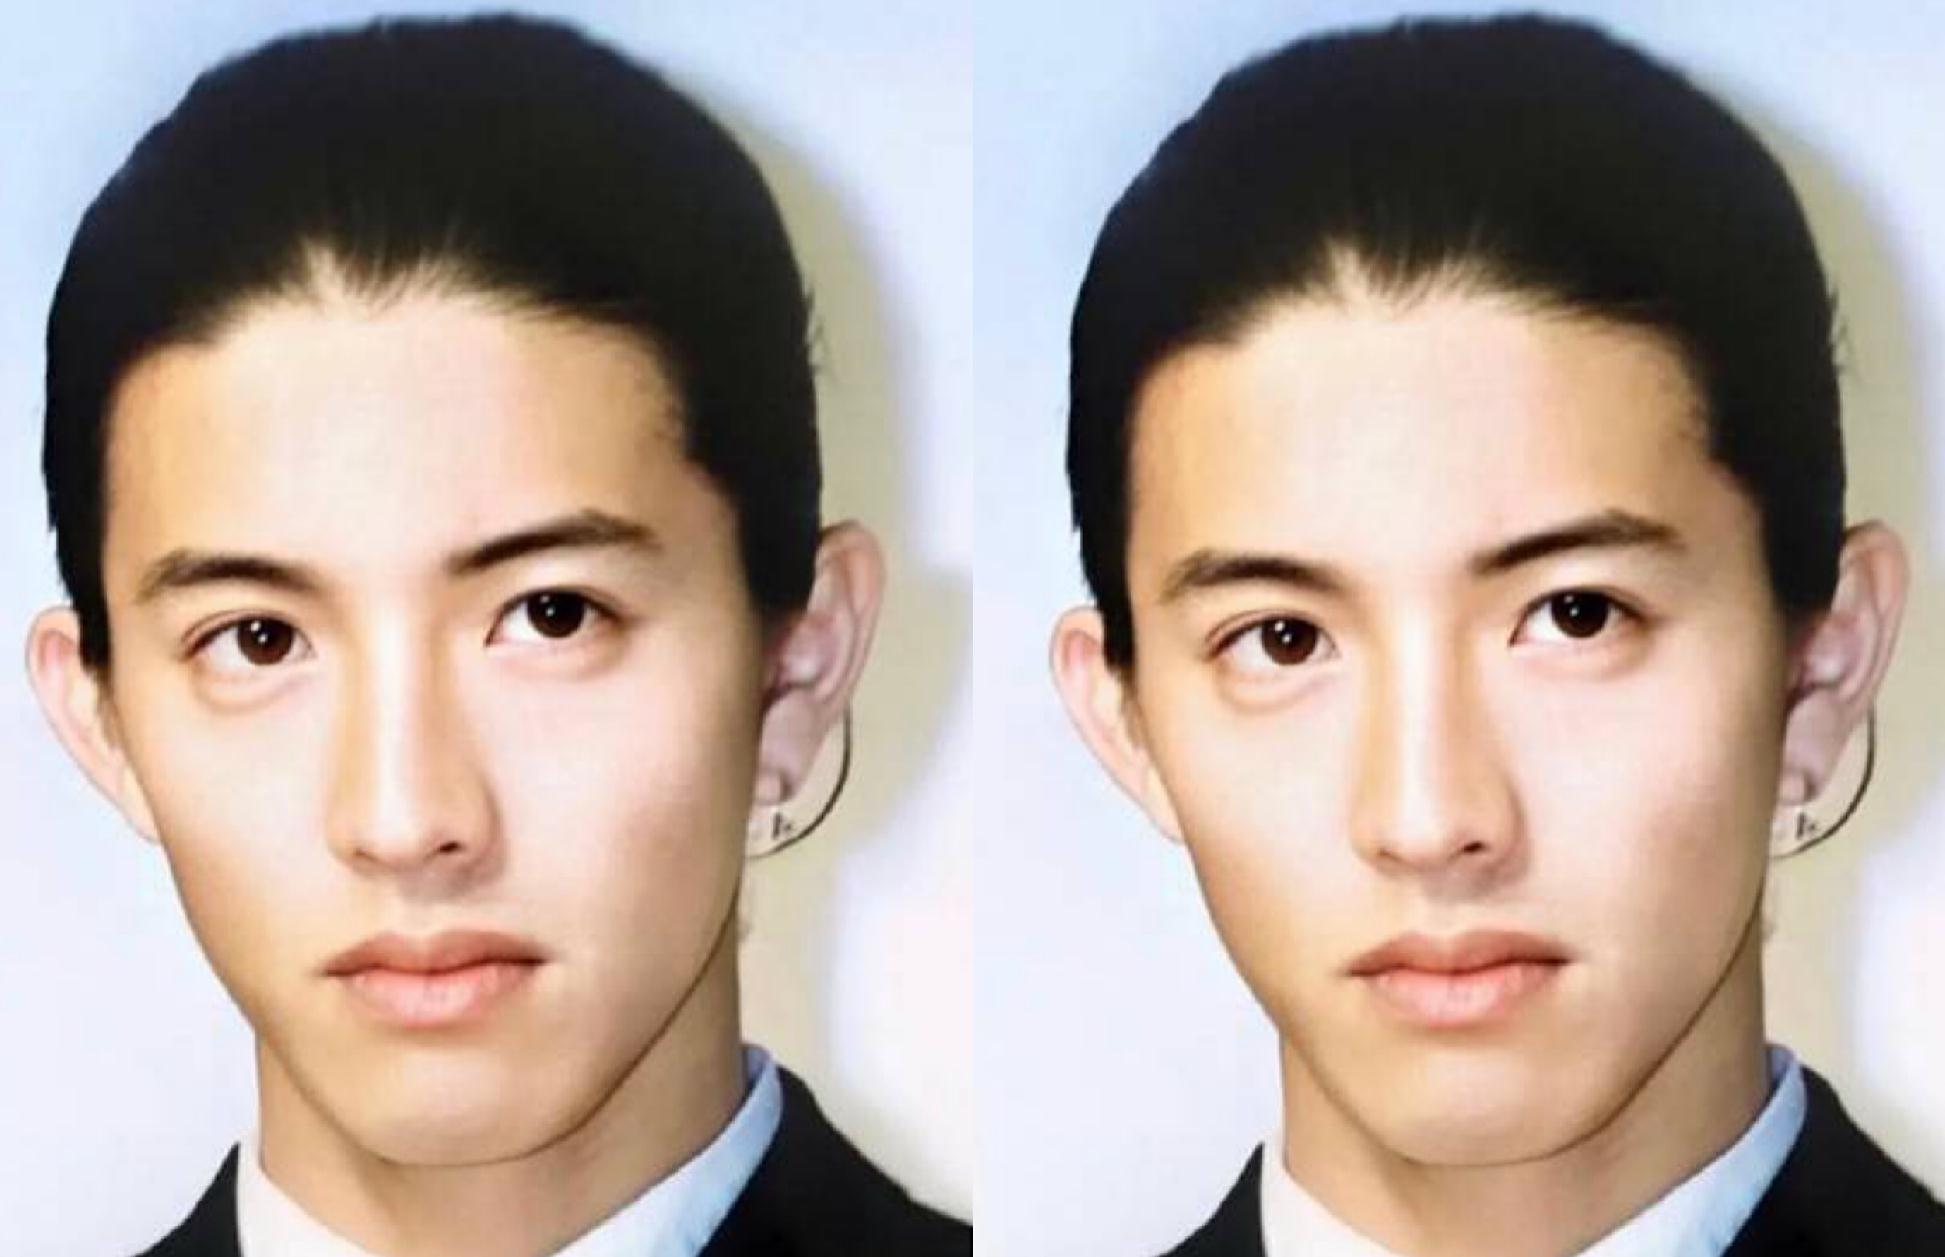 木村拓哉刚过47岁生日,也出现老态了,年轻时的他迷倒了众千少女